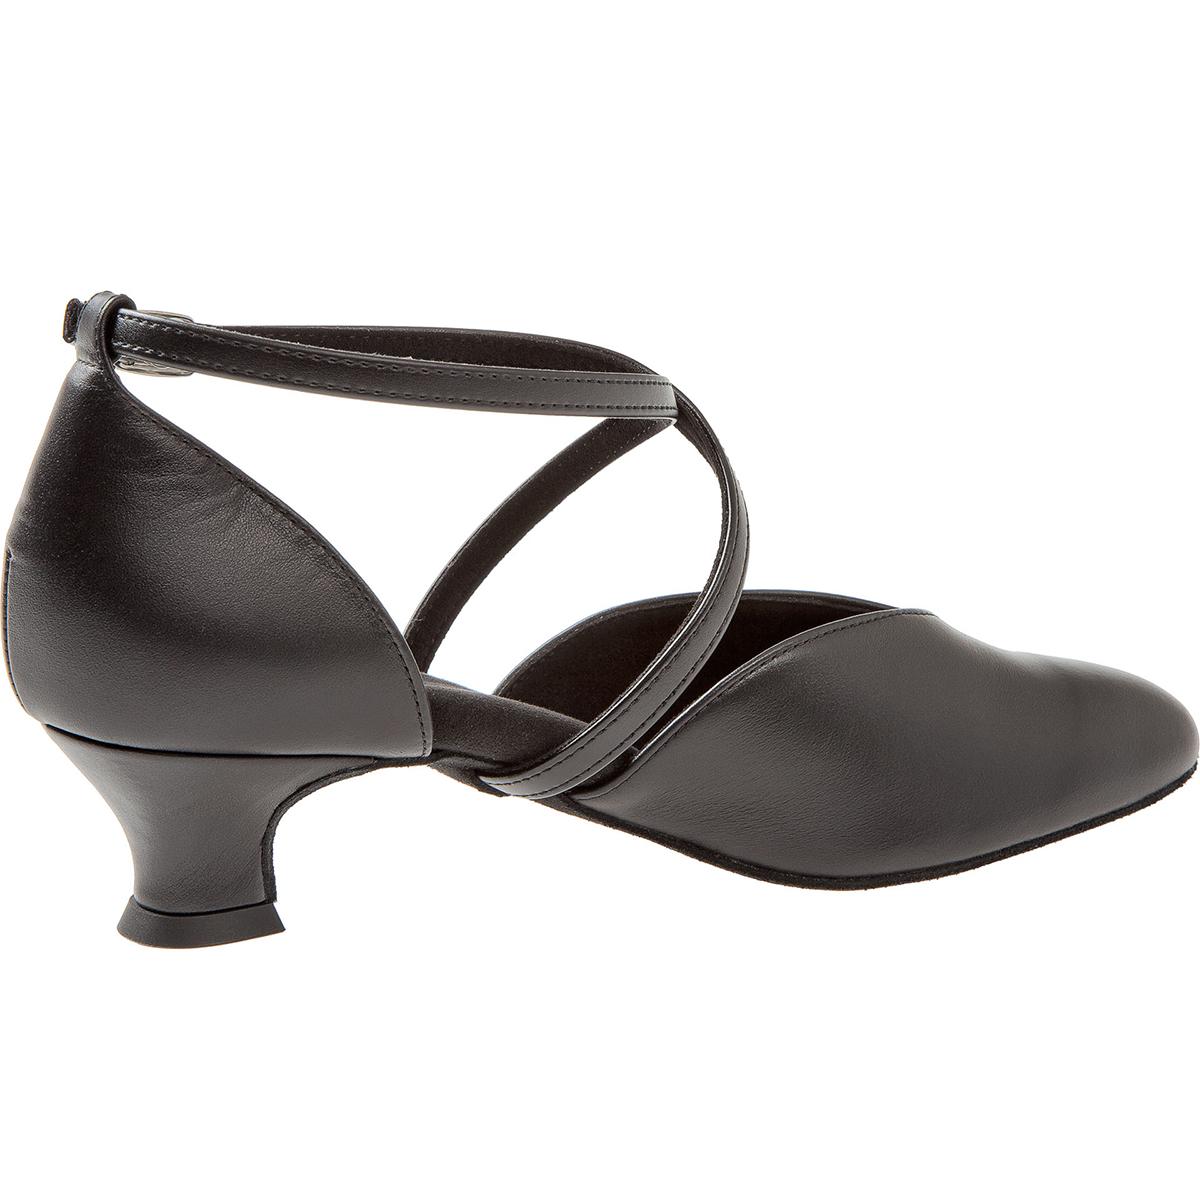 Danse De 107 Noir 013 Femmes Chaussures 034 Cuir Diamant DYWE9H2I